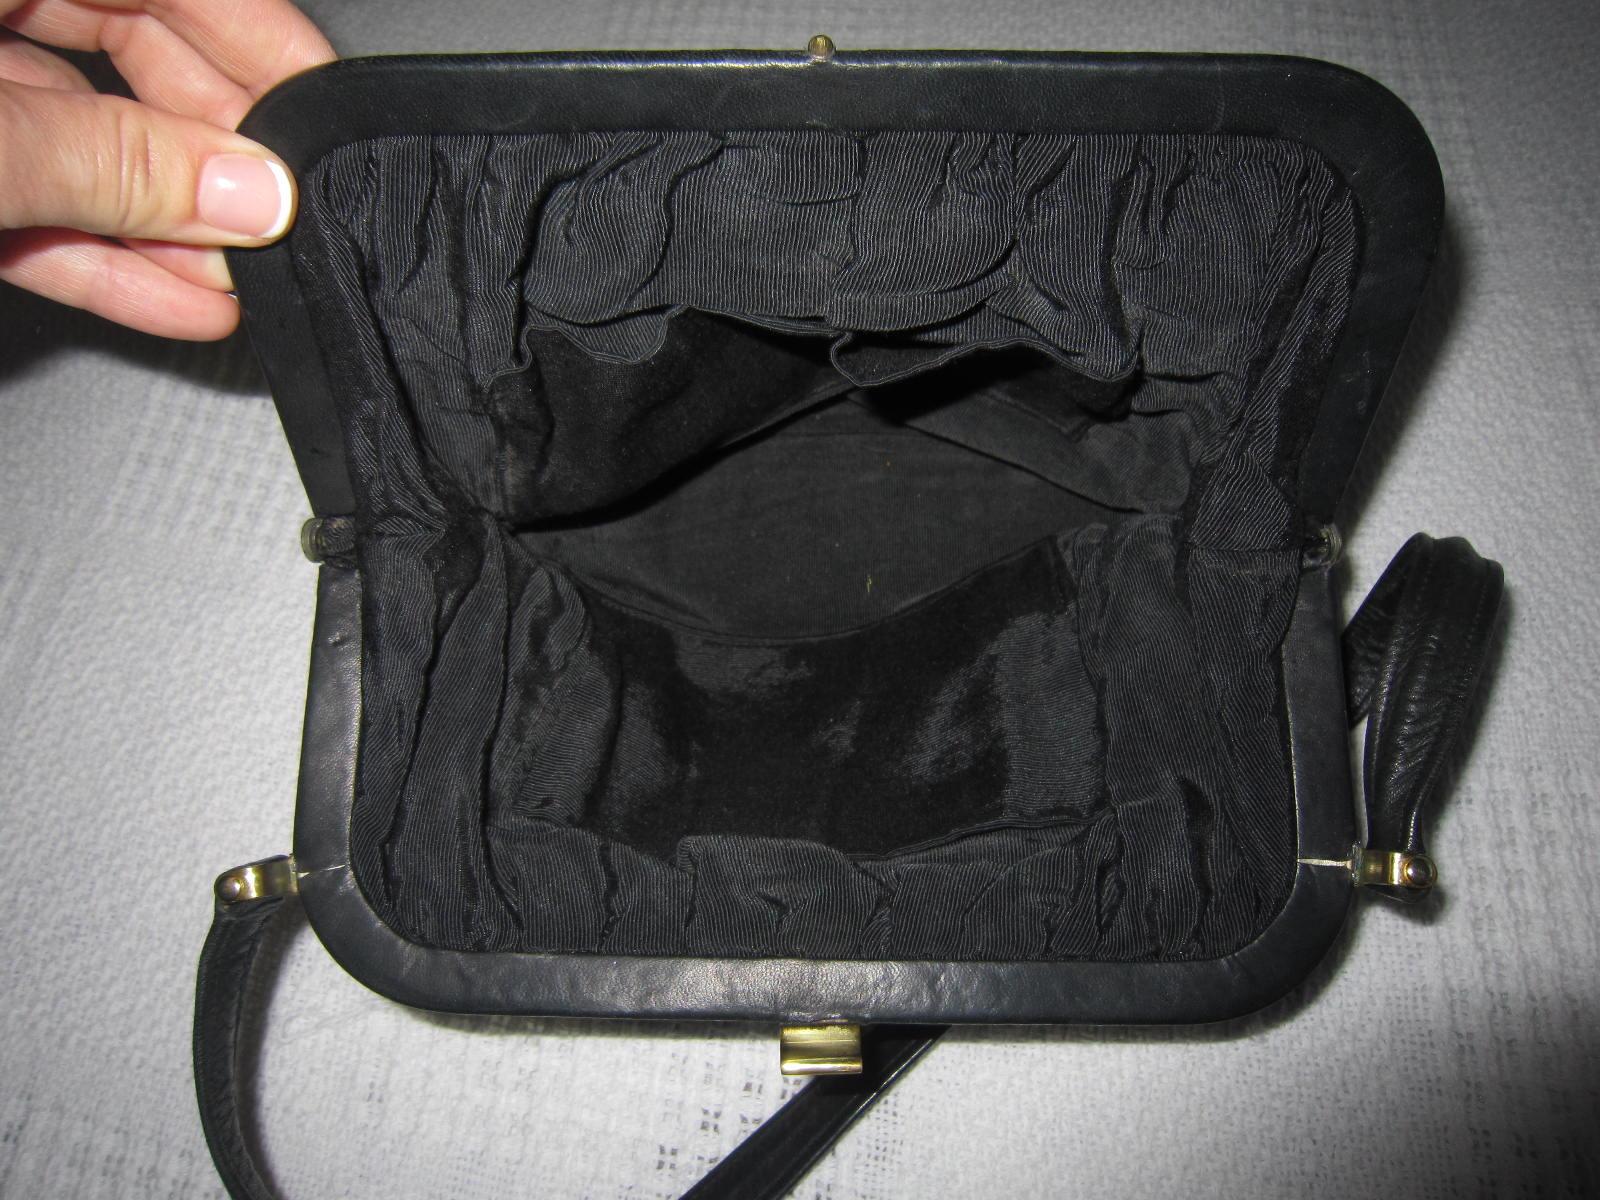 d570be852 Vintage Black Leather Kiss-lock Shoulder Bag - Luxurylana Boutique